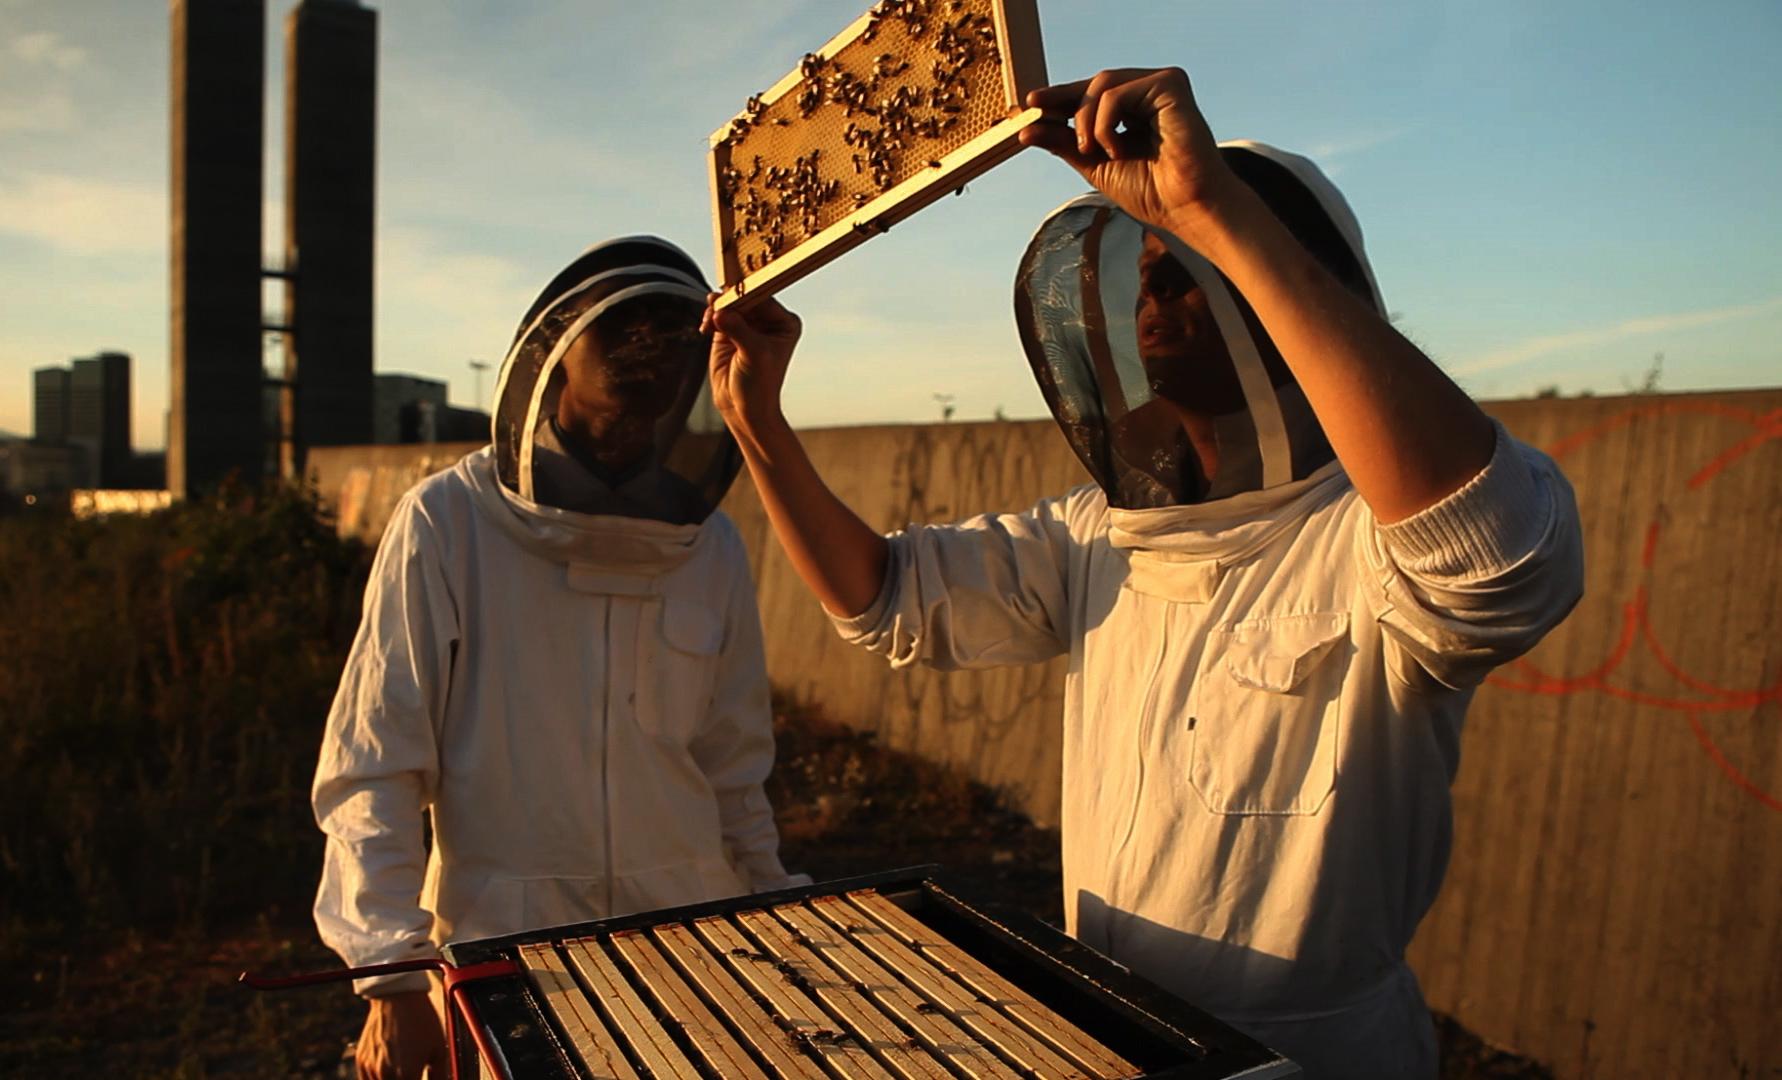 Картинки по запросу apiary on a roof